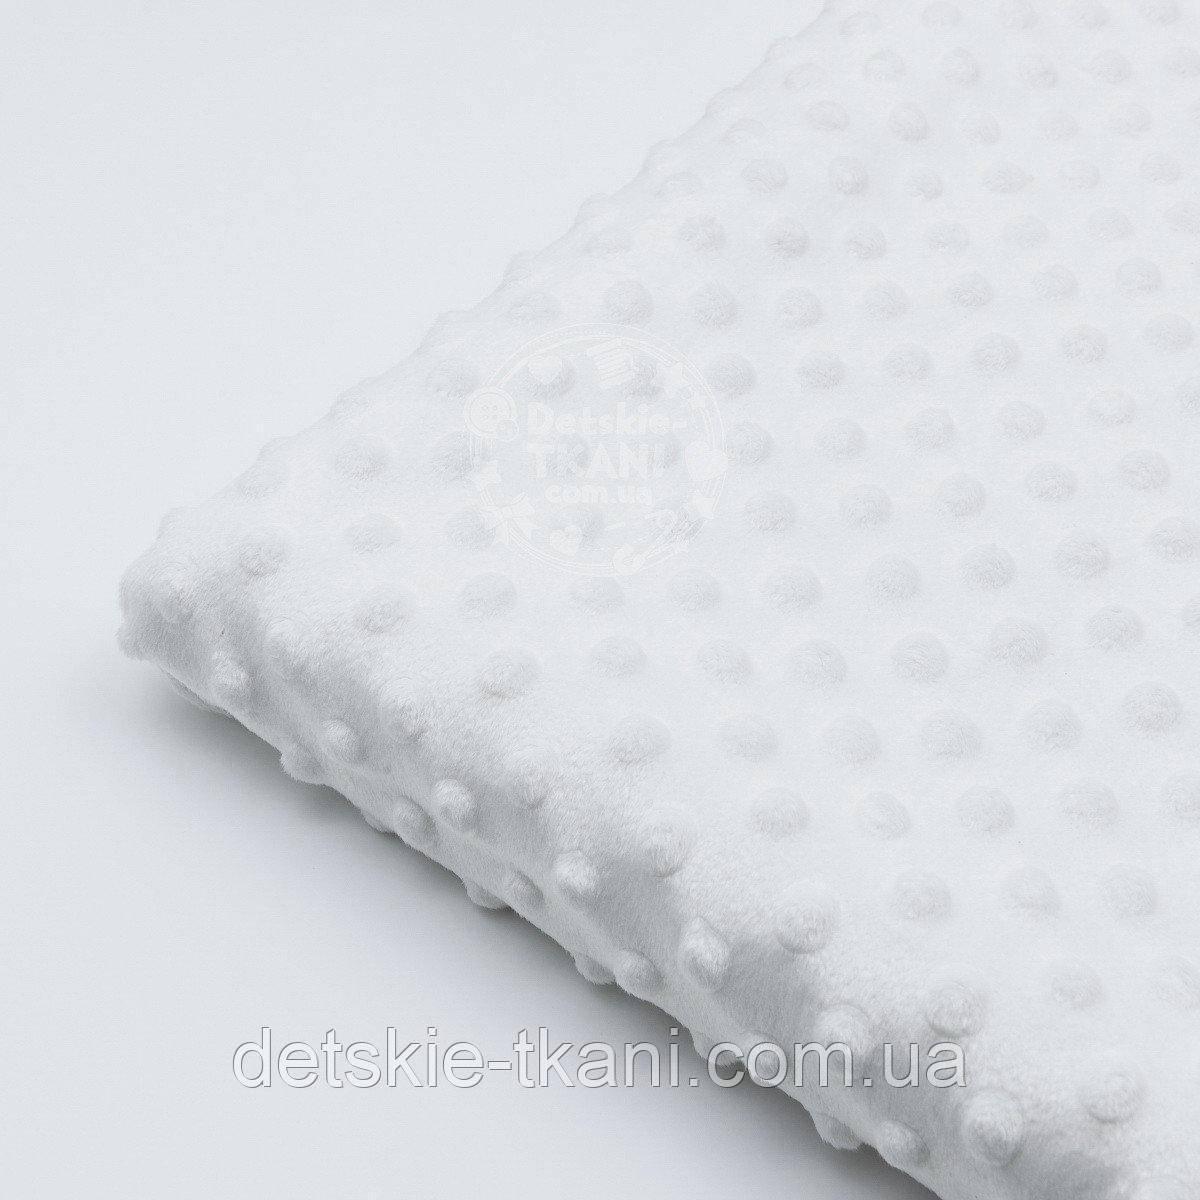 Три лоскута М-10плюша минки белого цвета, размер 15*55, 30*40 (2шт) см